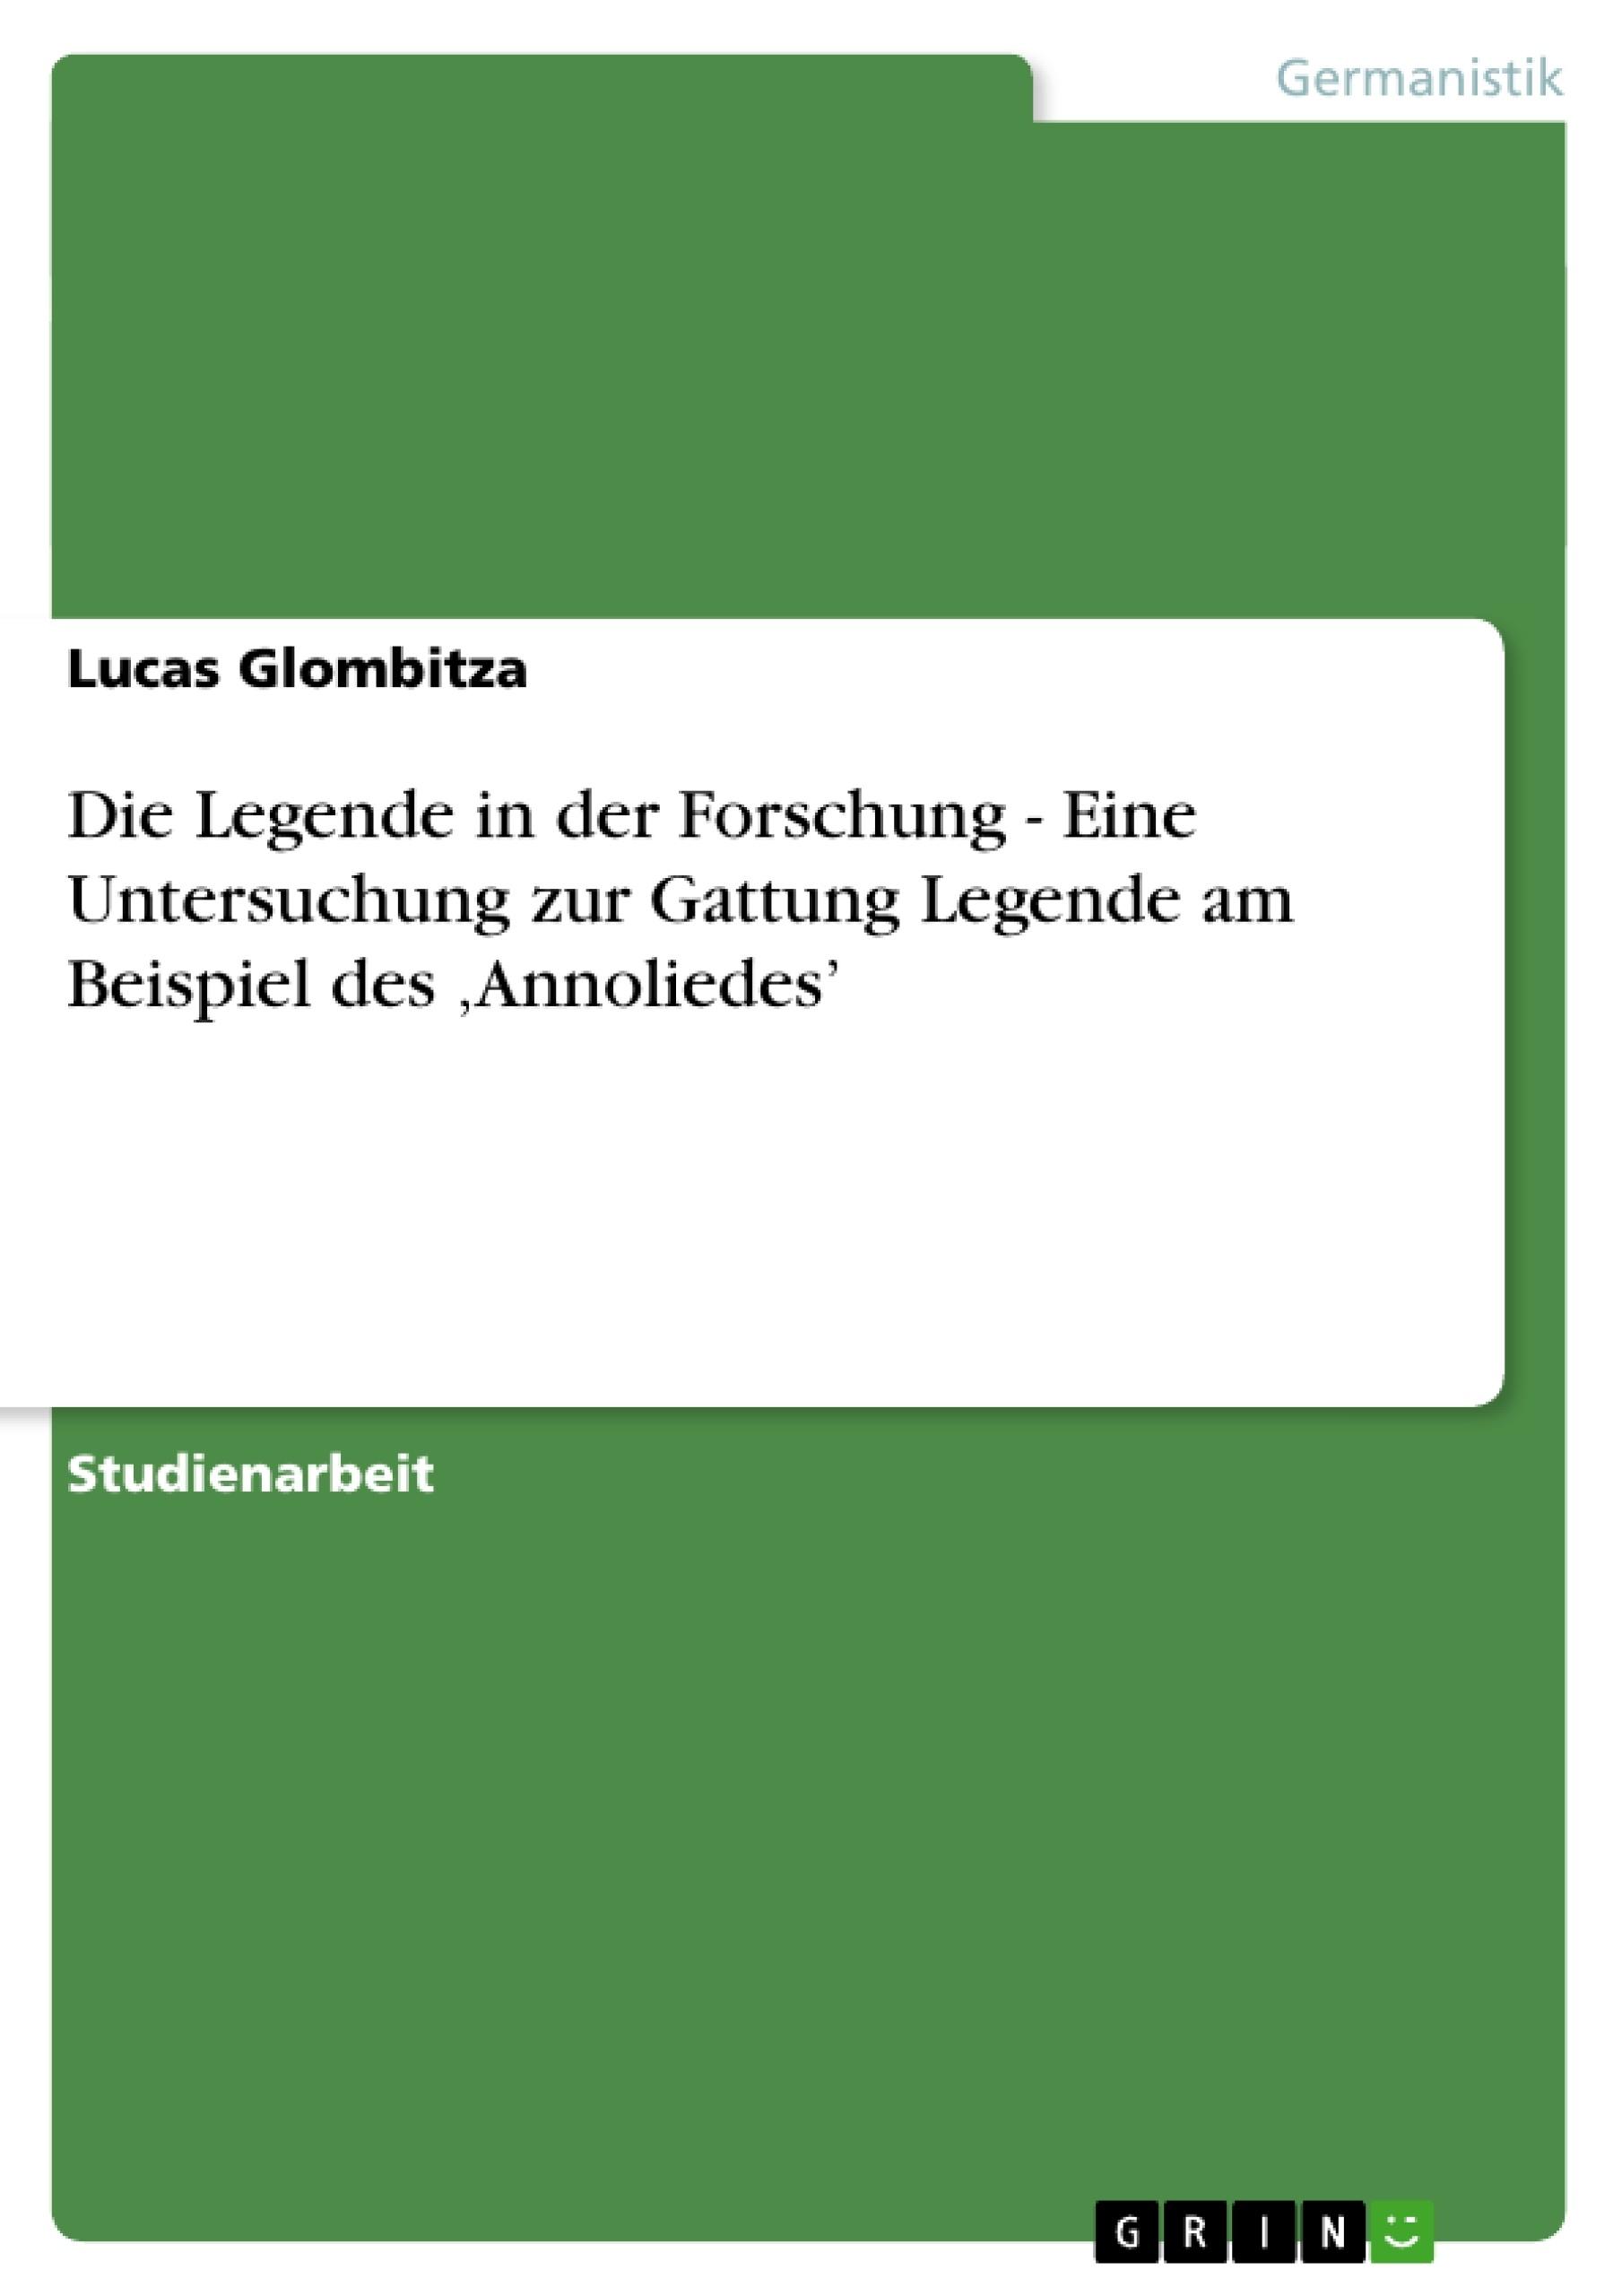 Titel: Die Legende in der Forschung  -  Eine Untersuchung zur Gattung Legende am Beispiel des 'Annoliedes'